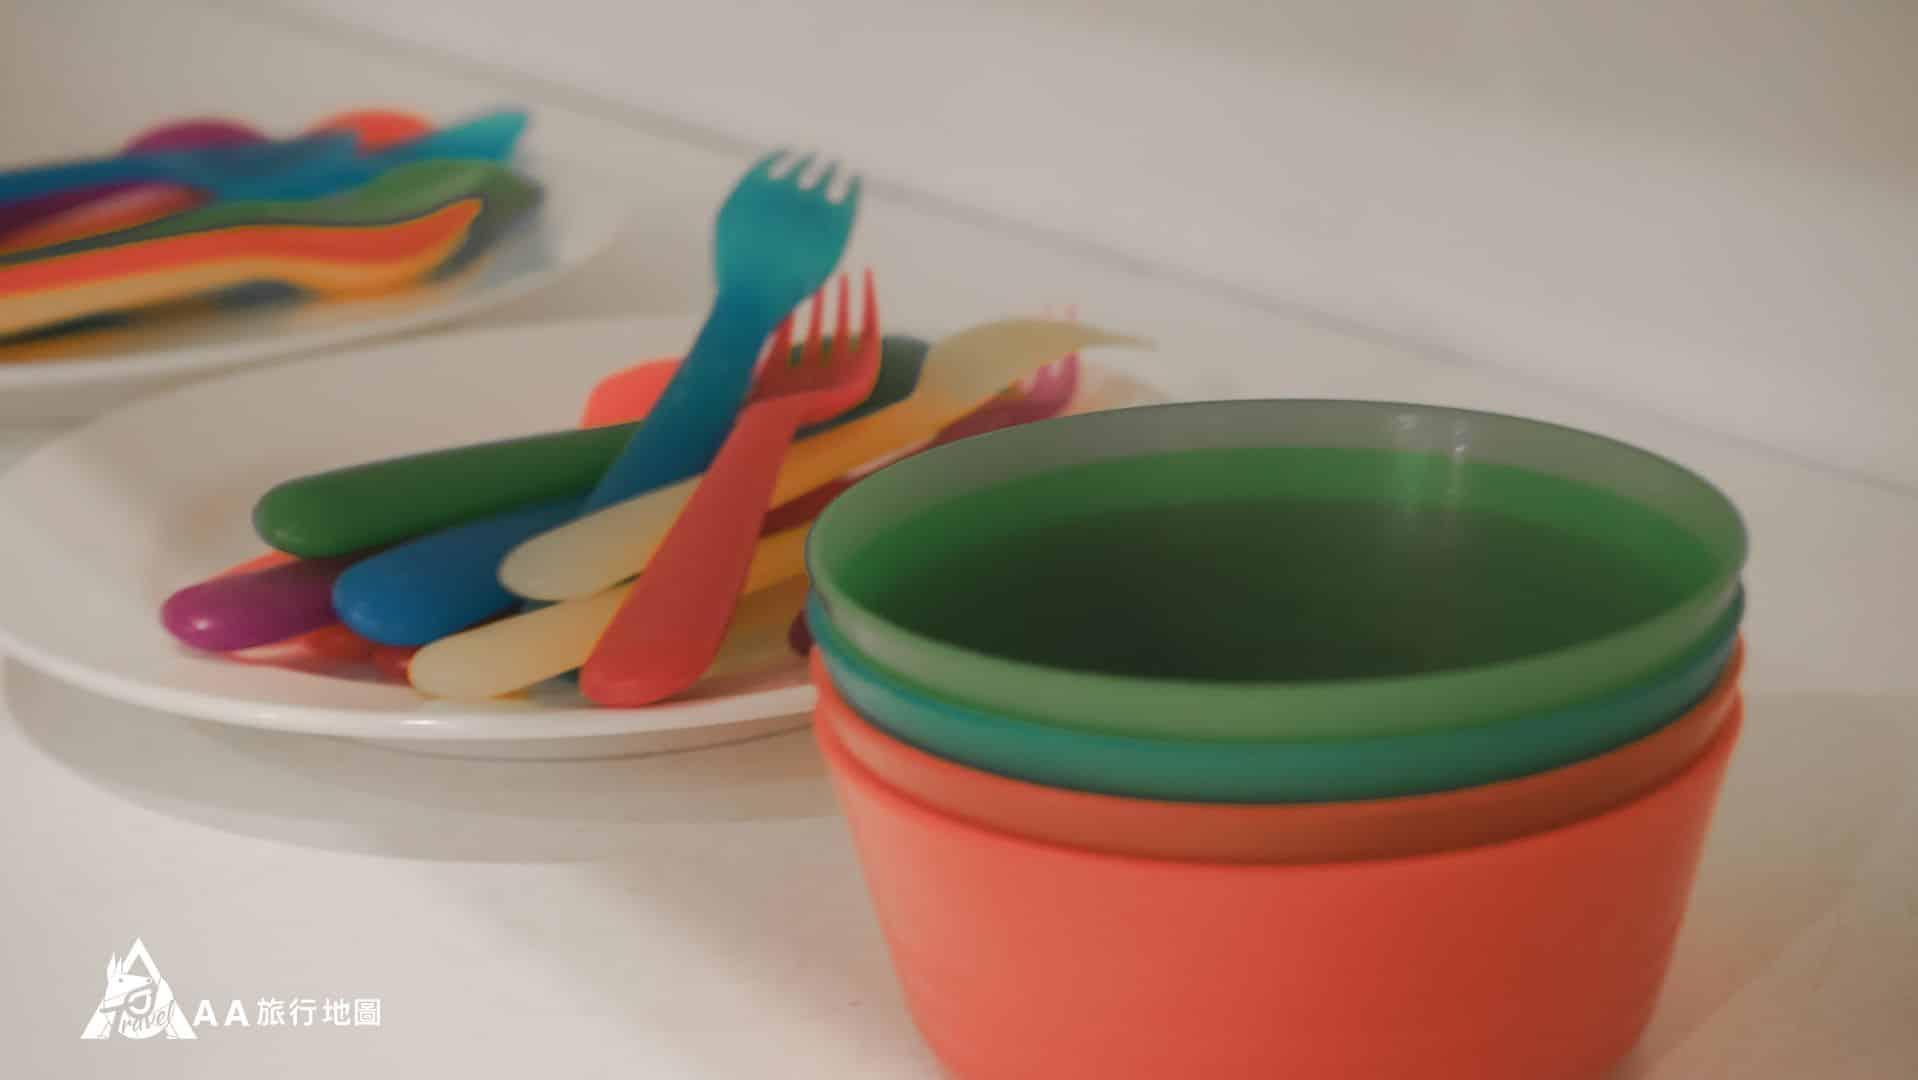 鳳凰亭序 很貼心的準備了小朋友的餐具